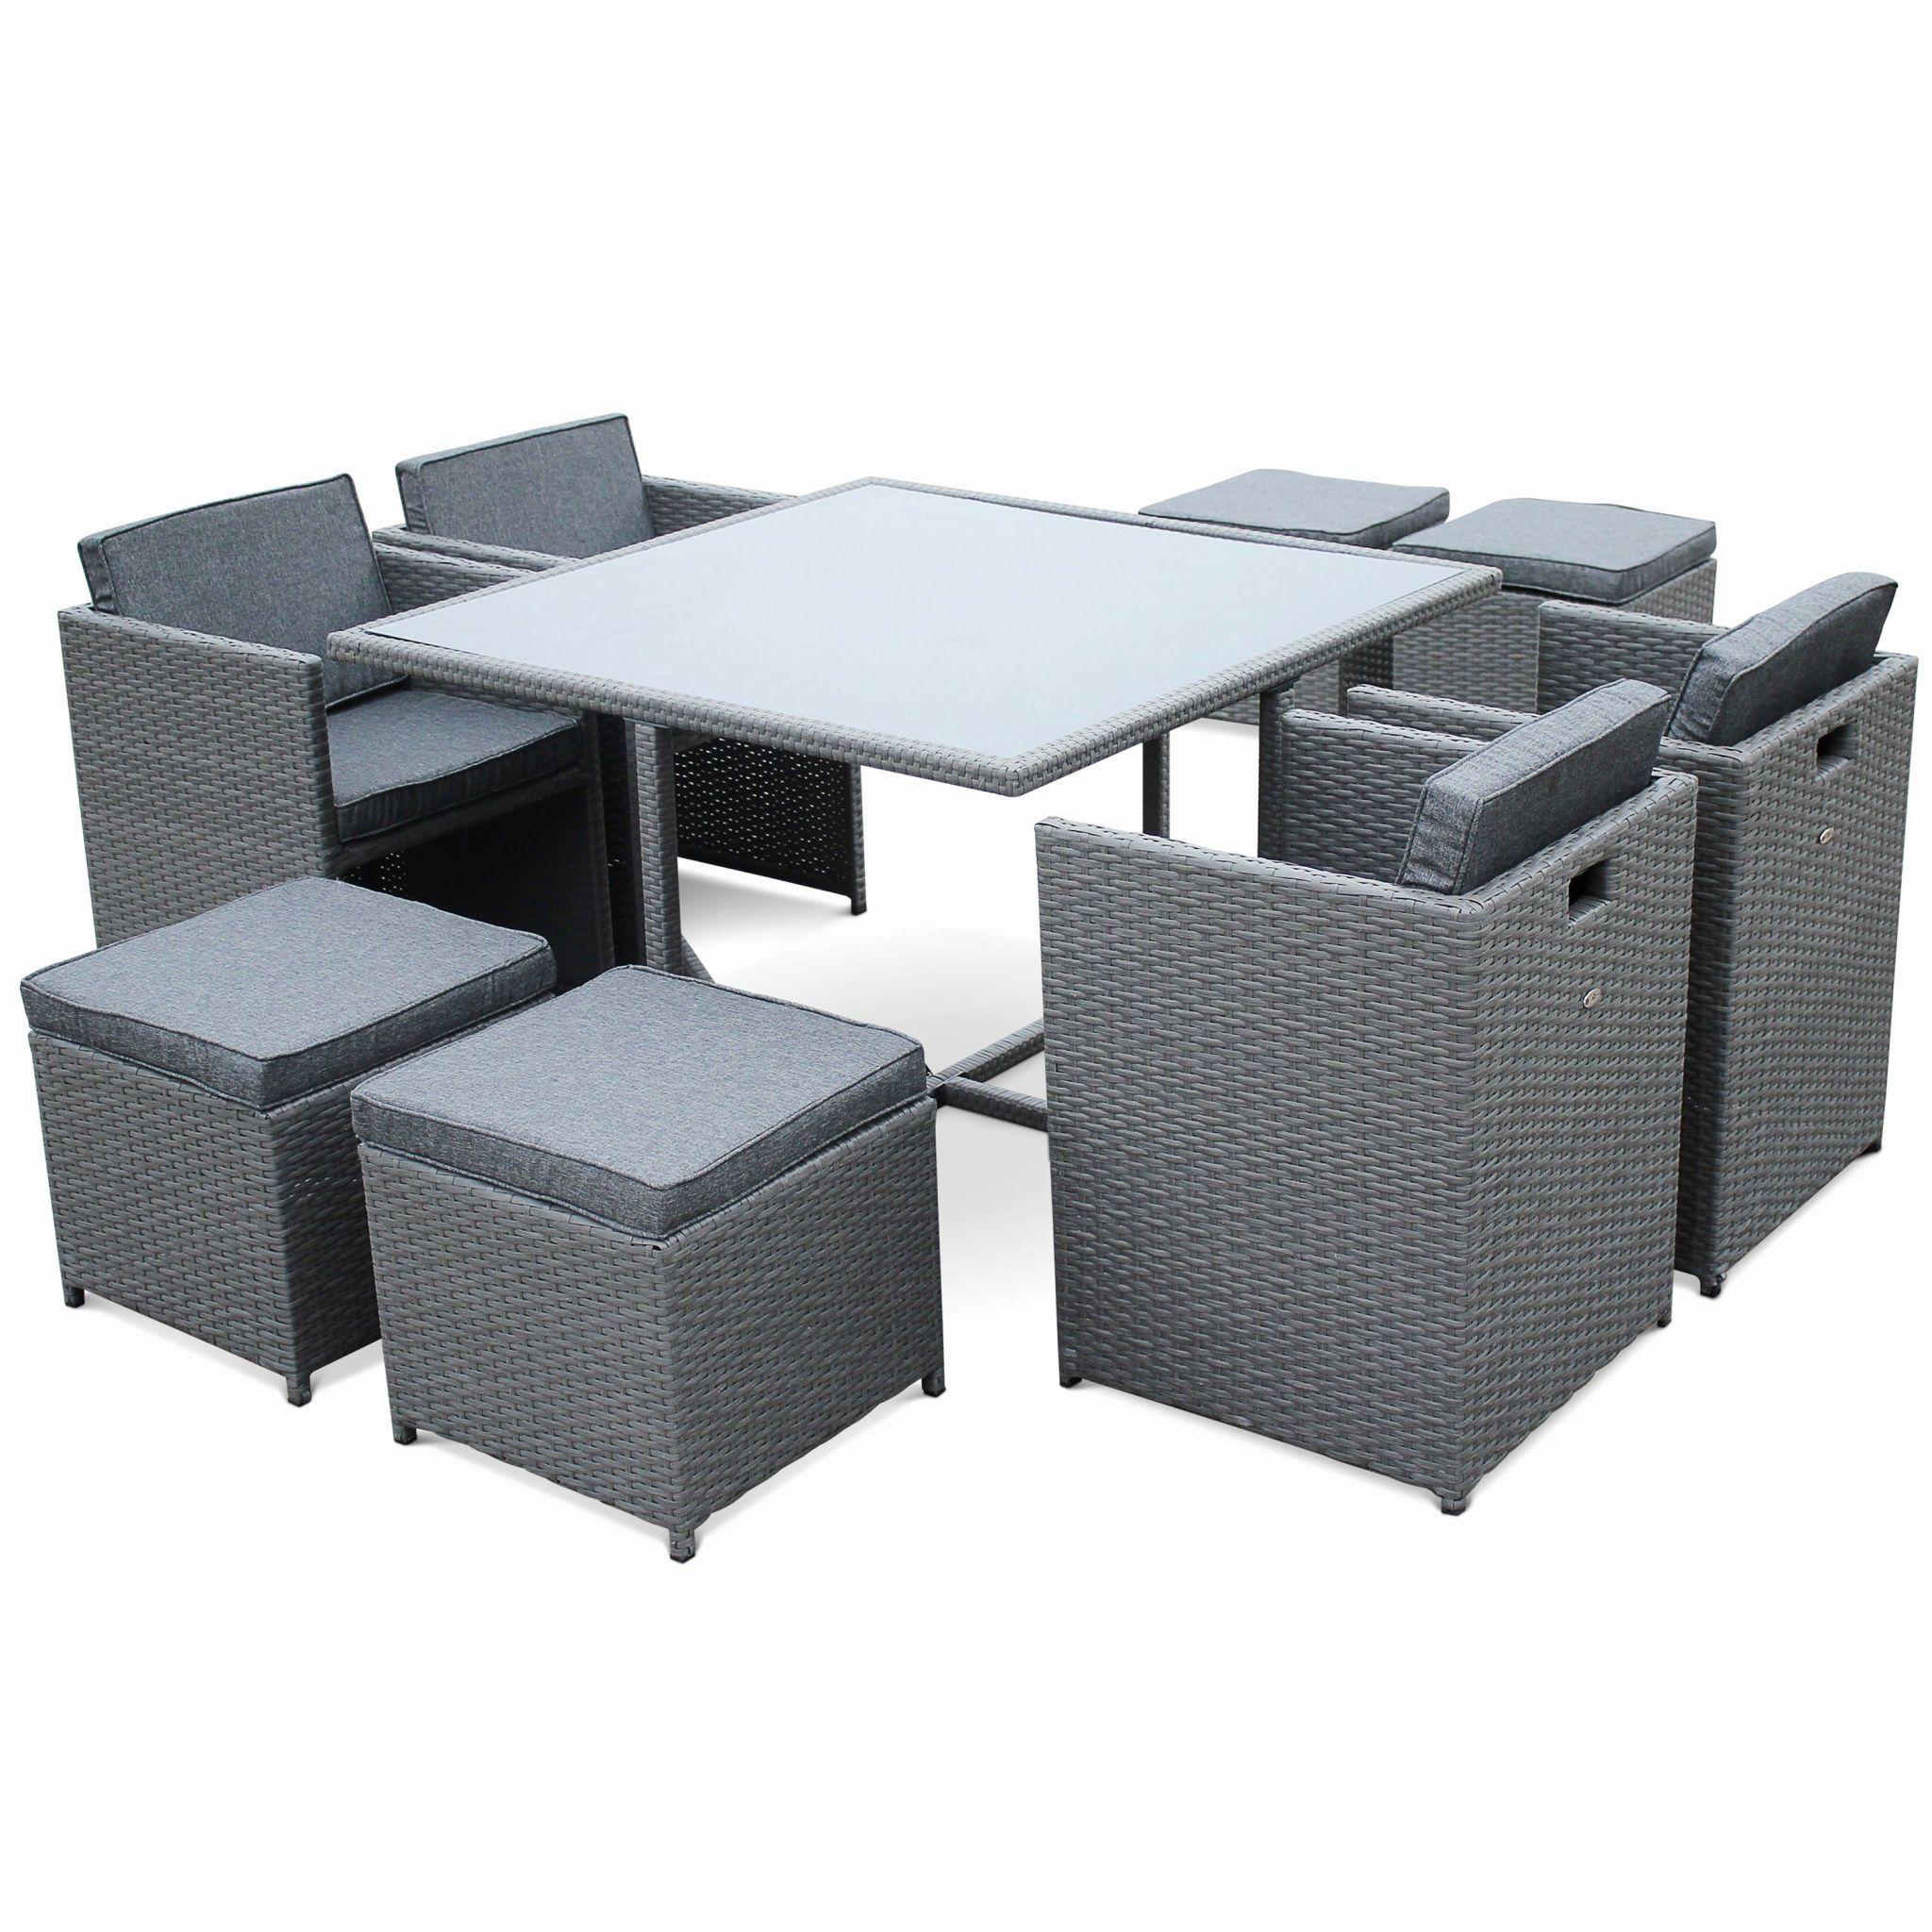 table jardin 12 personnes ou table carree extensible 12 personnes beau table 8 personnes avec de table jardin 12 personnes